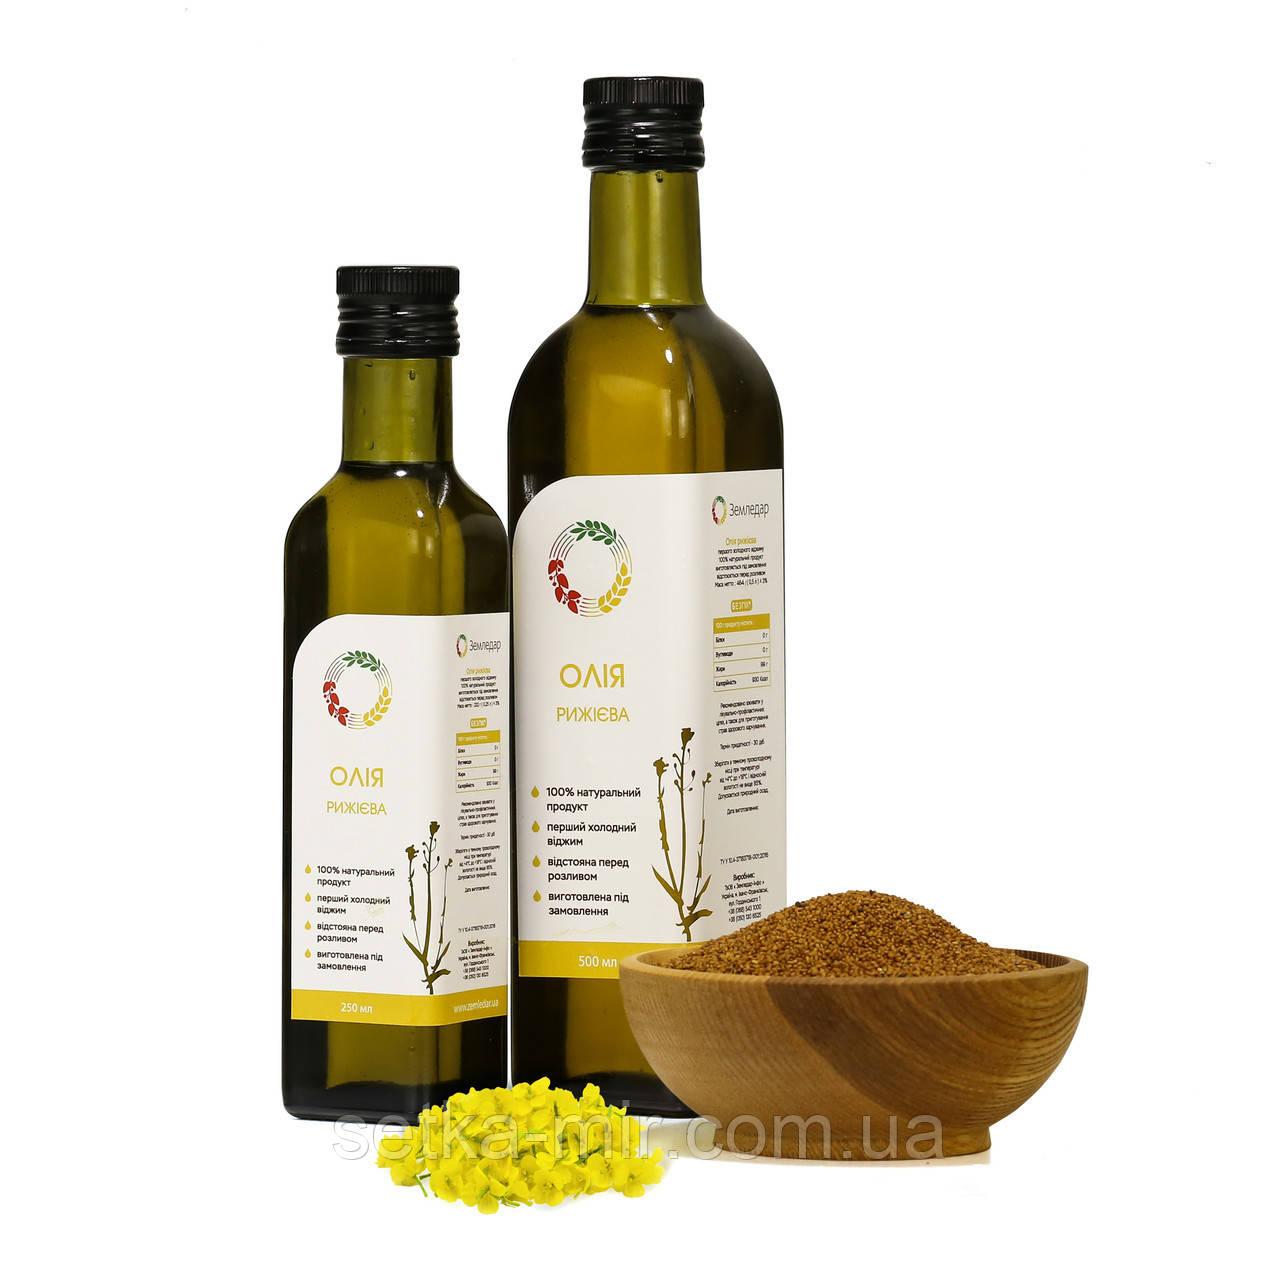 Рыжиковое масло 0,5 л сертифицированное без ГМО сыродавленное холодного отжима